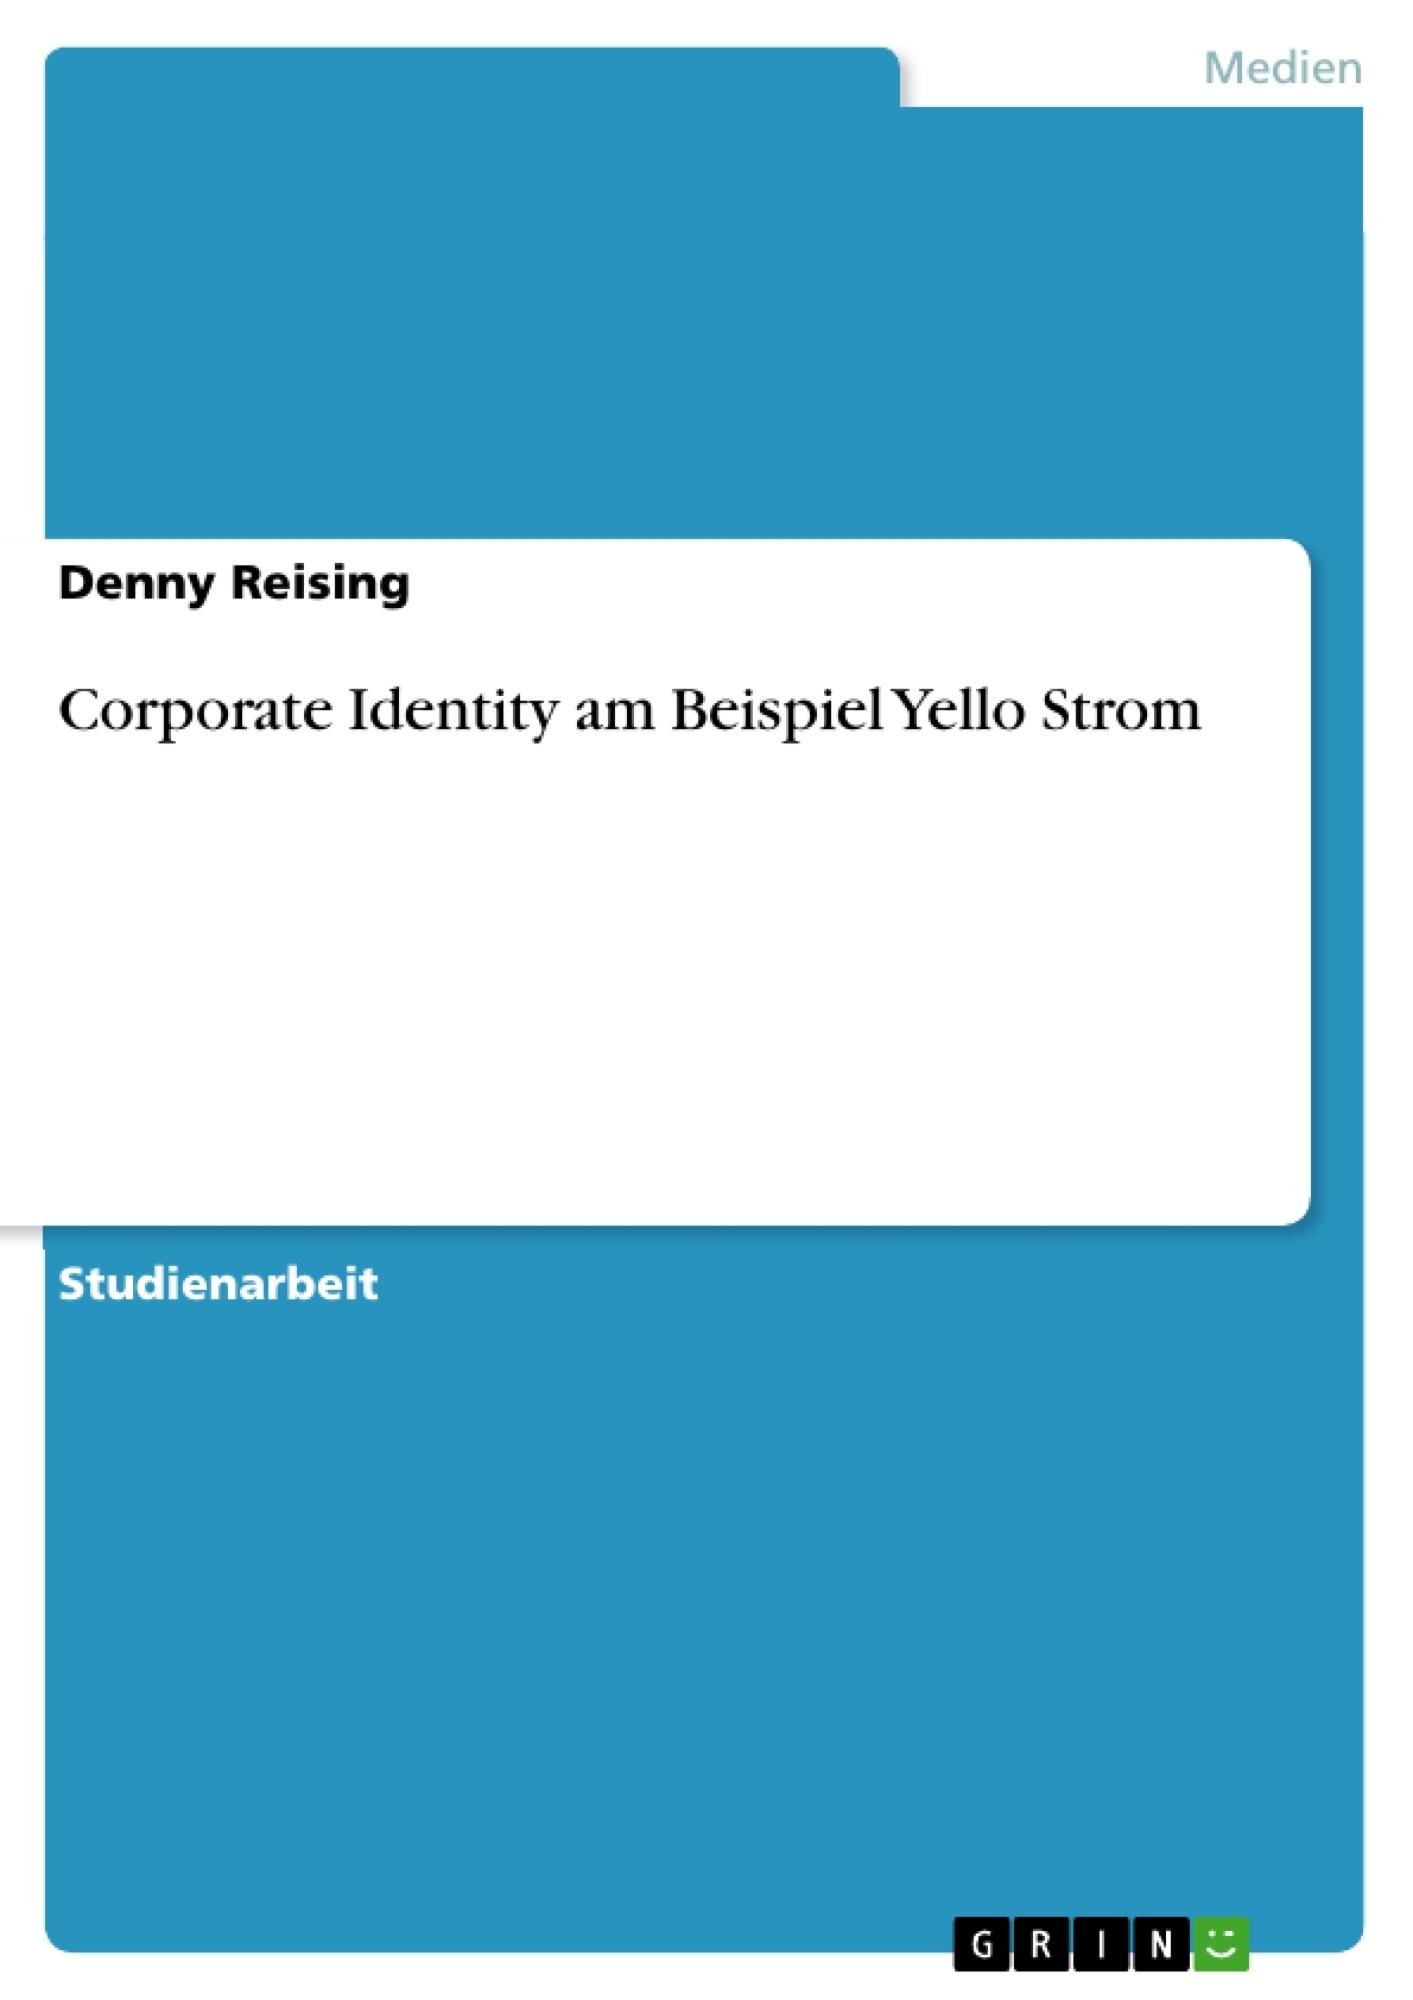 Titel: Corporate Identity am Beispiel Yello Strom